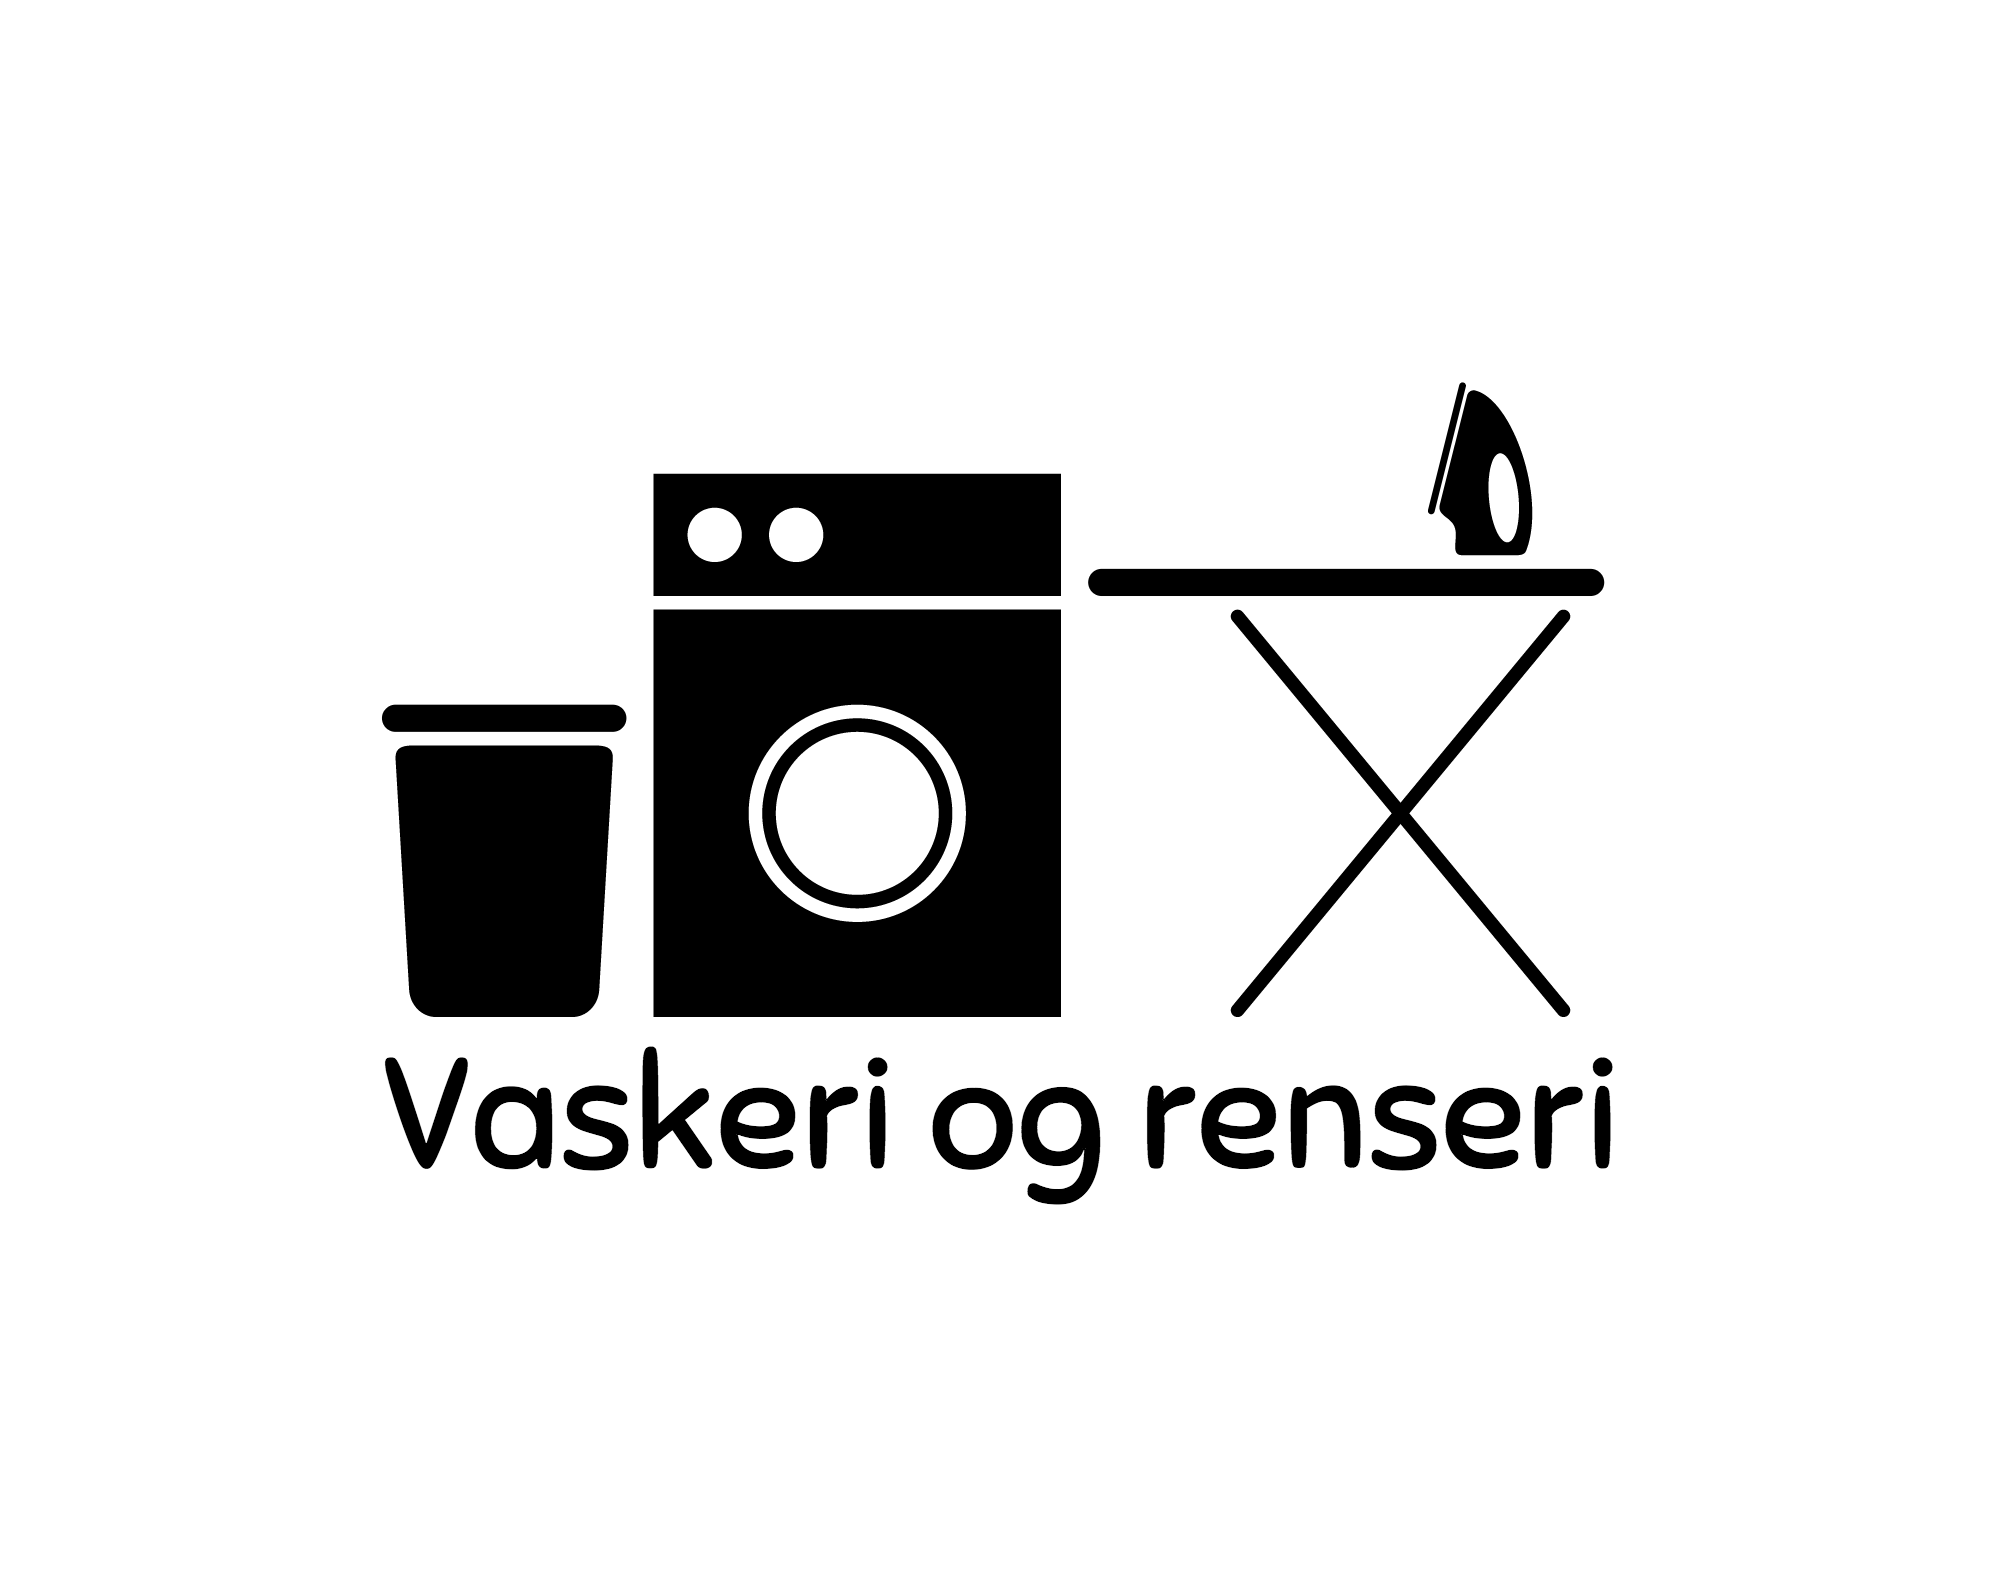 Vaskeri og renseri-logo-black.png